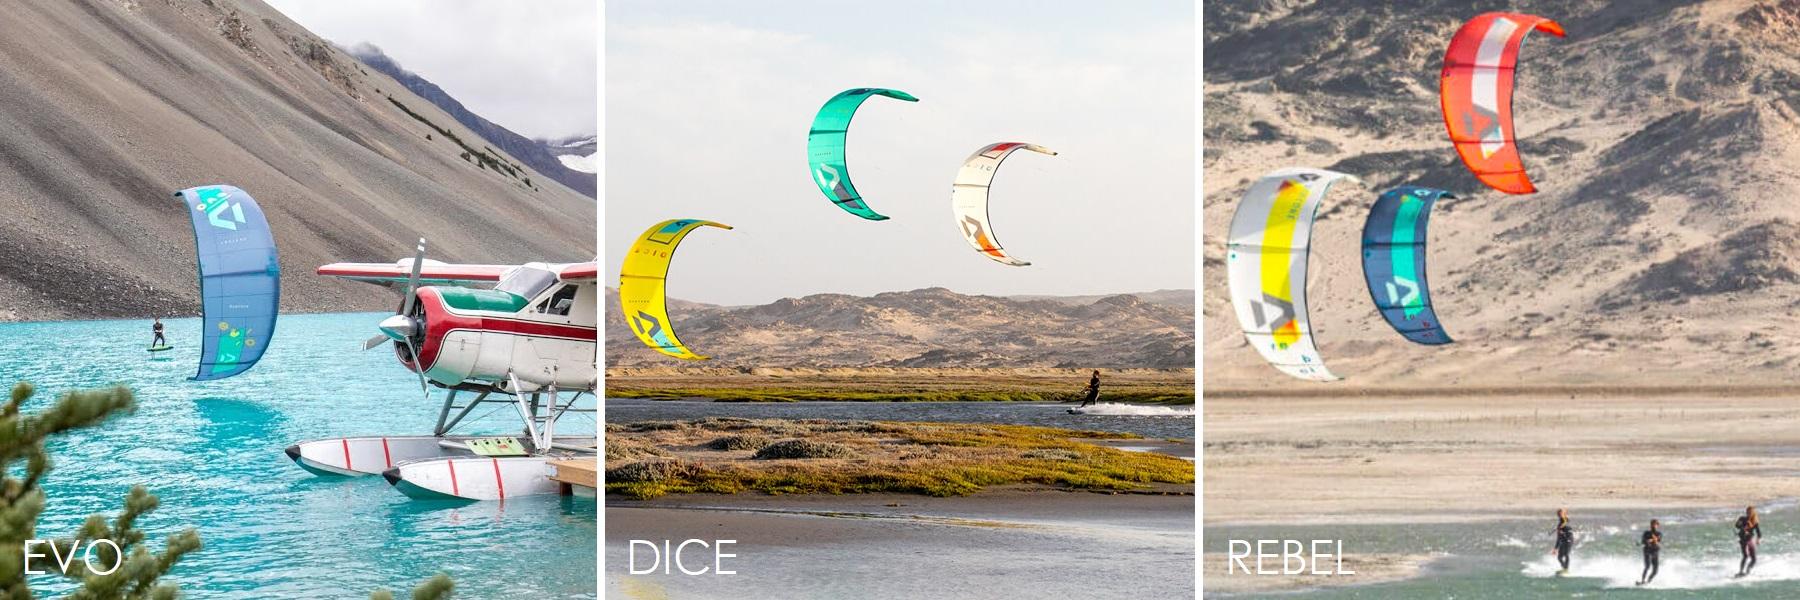 location kite lo stagnone; location kite sicile; location kitesurf lo stagnone, kitesurfing renting sicily, louer materiel kitesurf sicile, location duotone sicile; location duotone lo stagnone